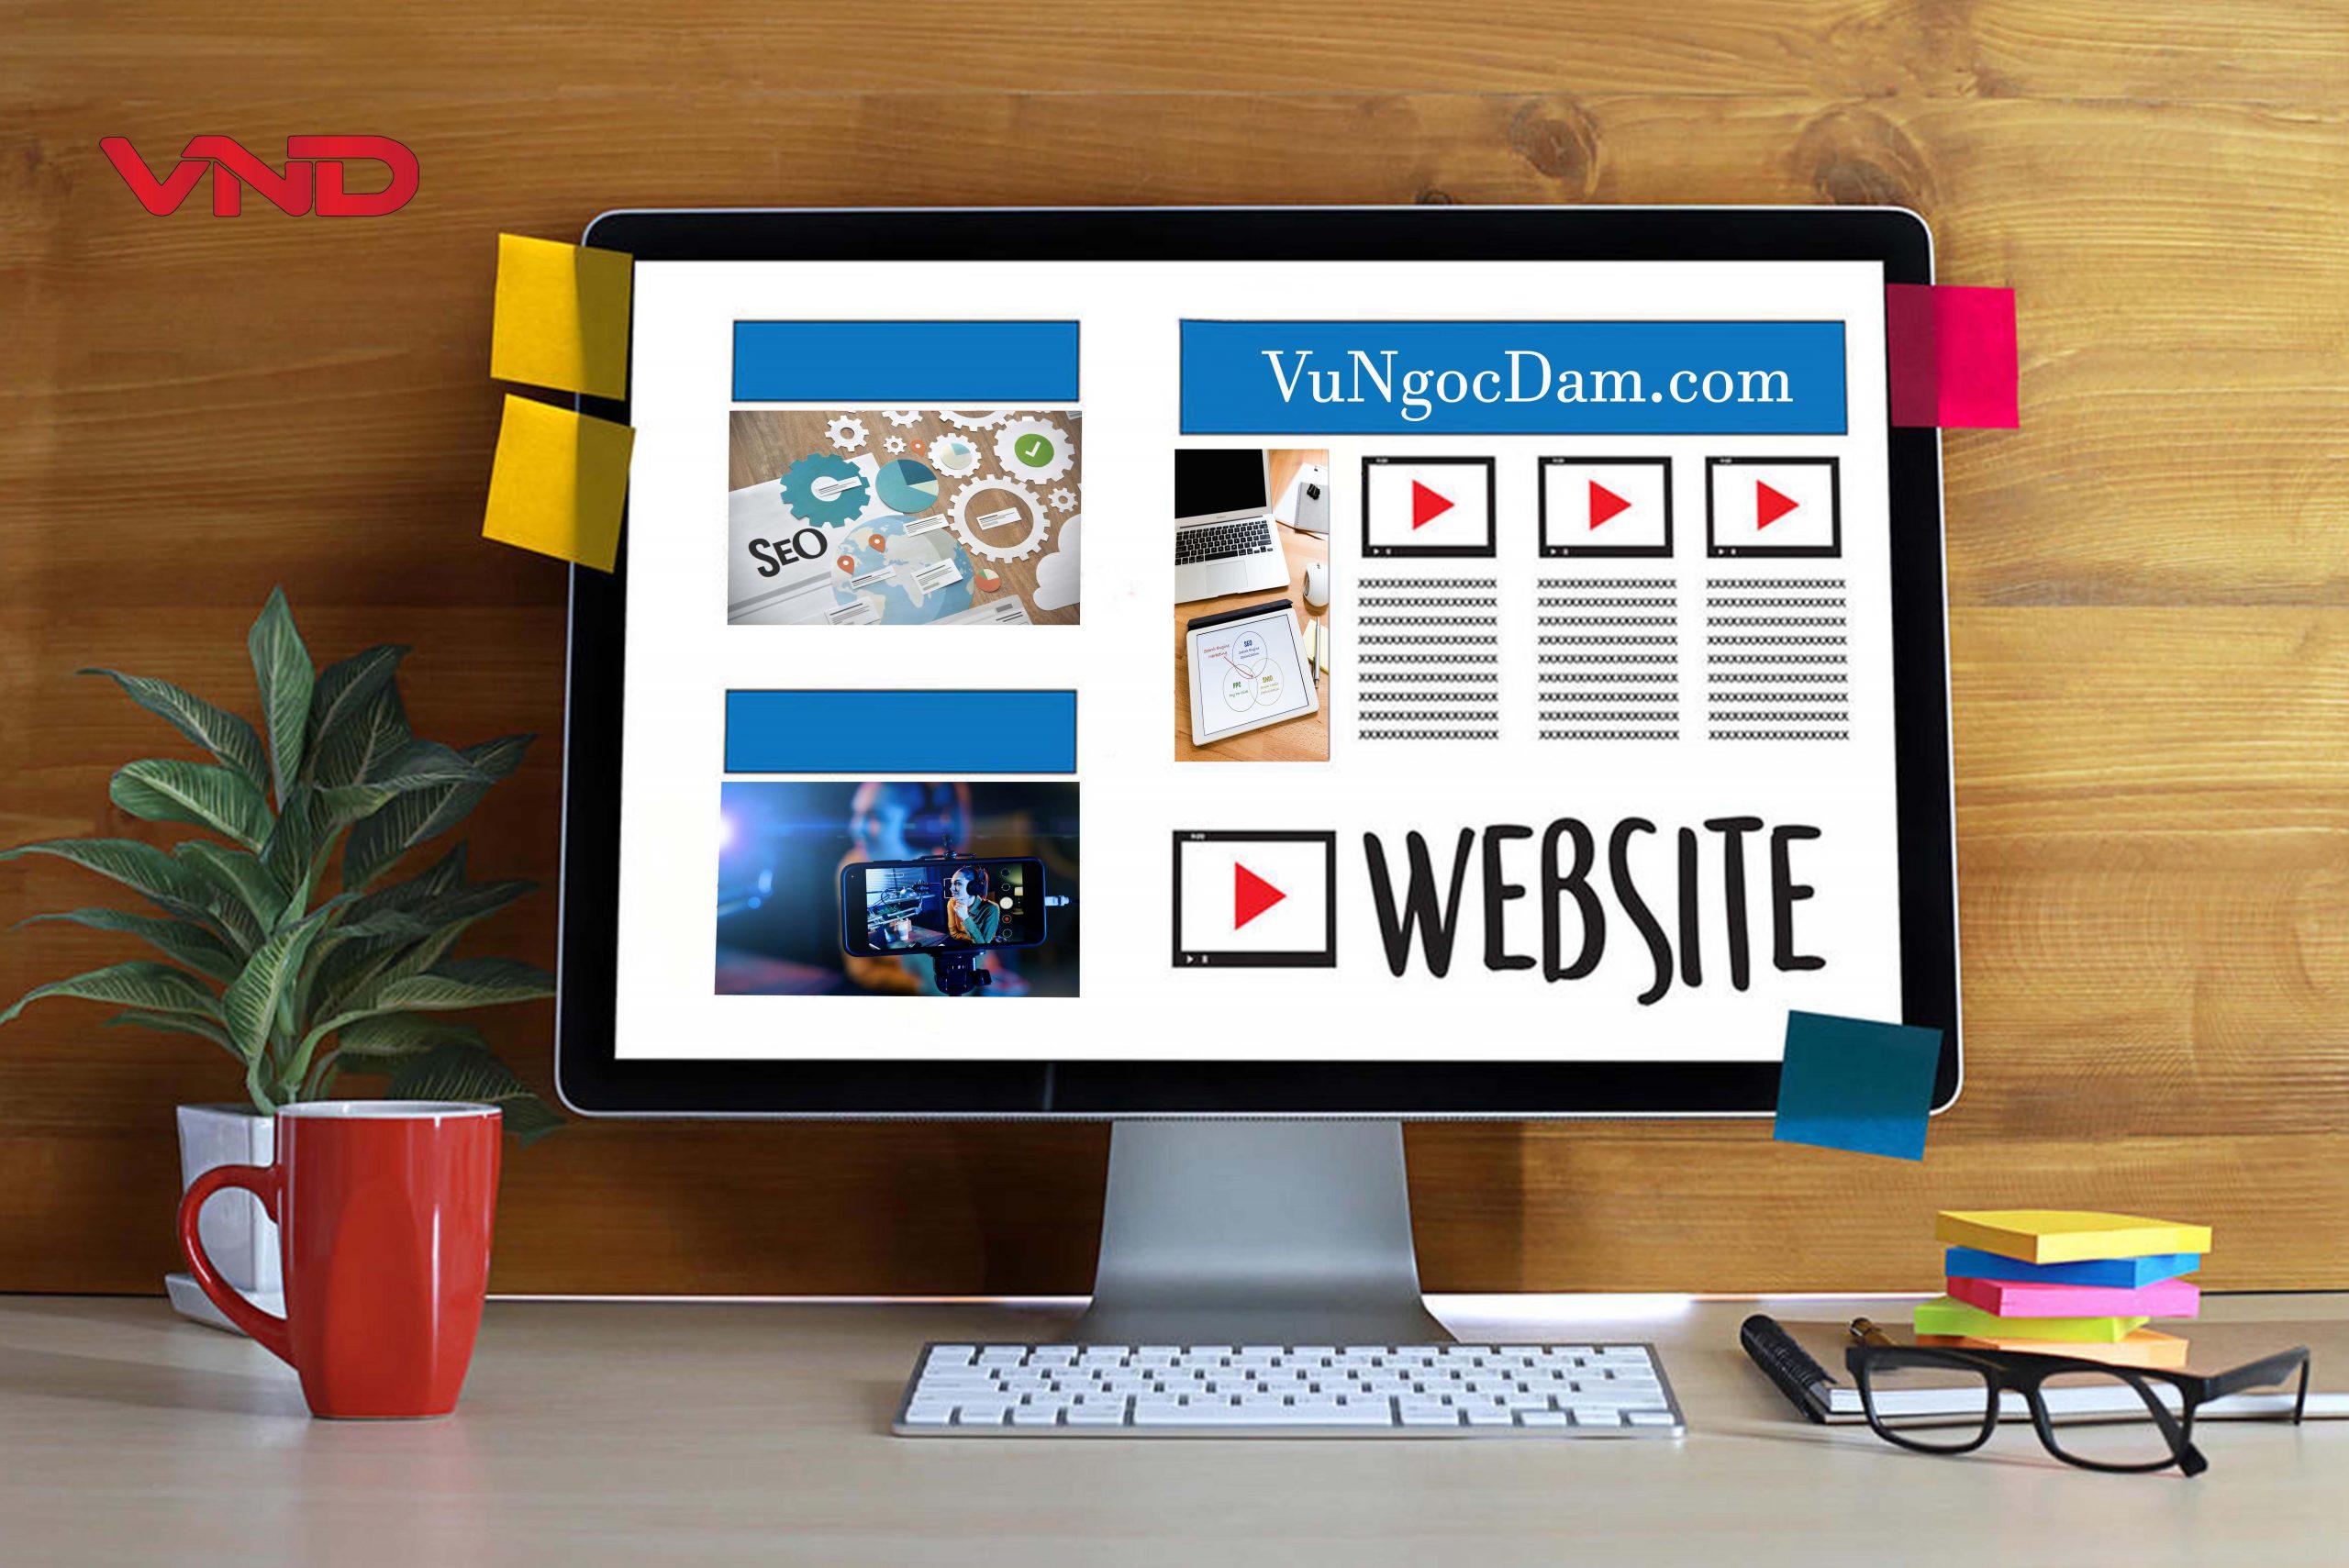 Dịch vụ quản trị website